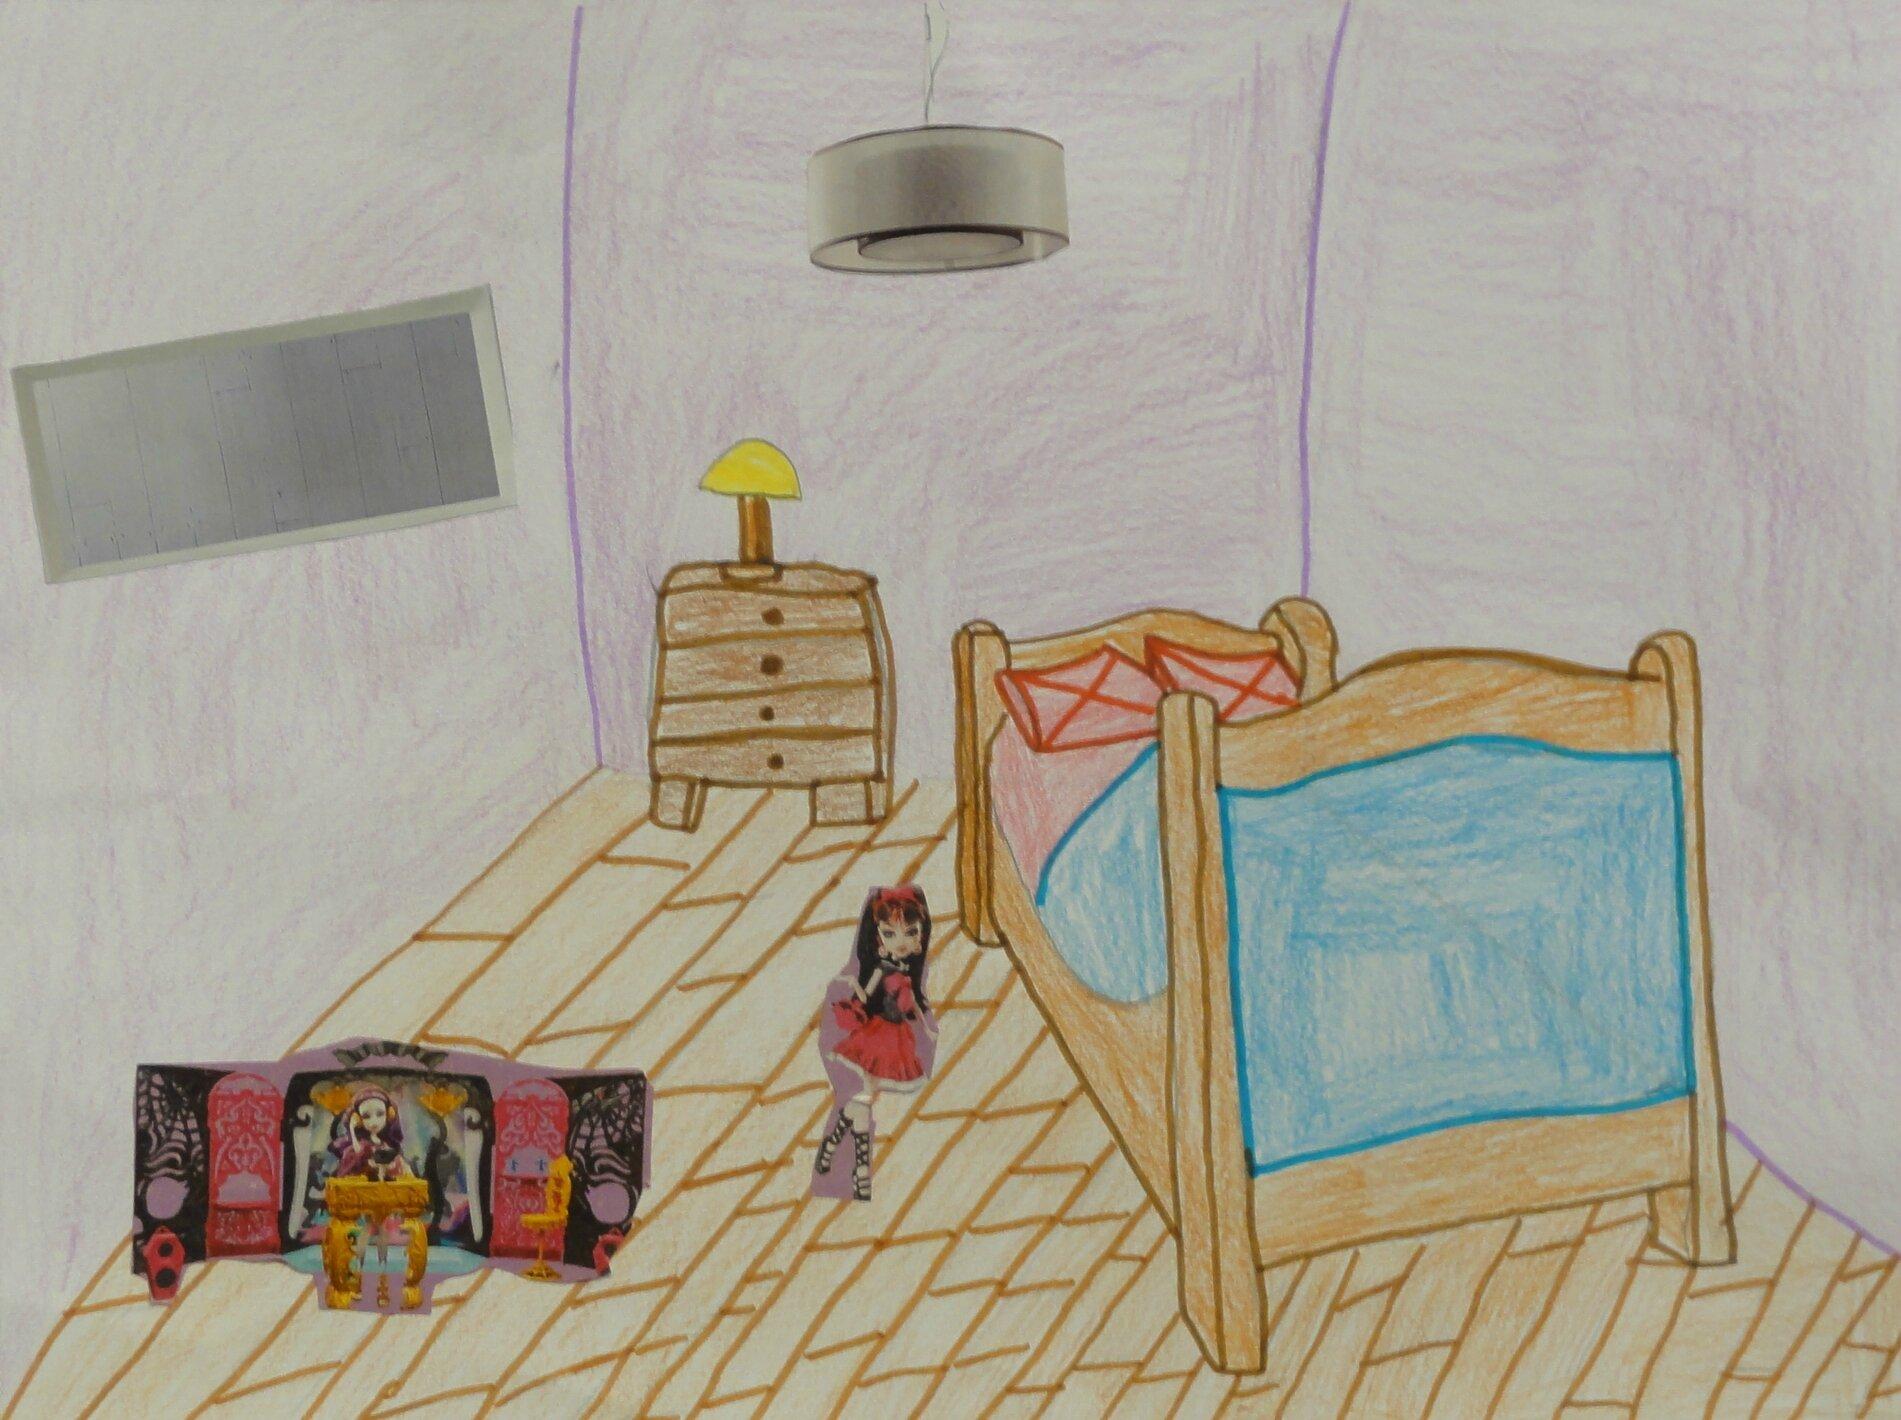 La chambre jaune van gogh analyse for La chambre jaune a arles van gogh